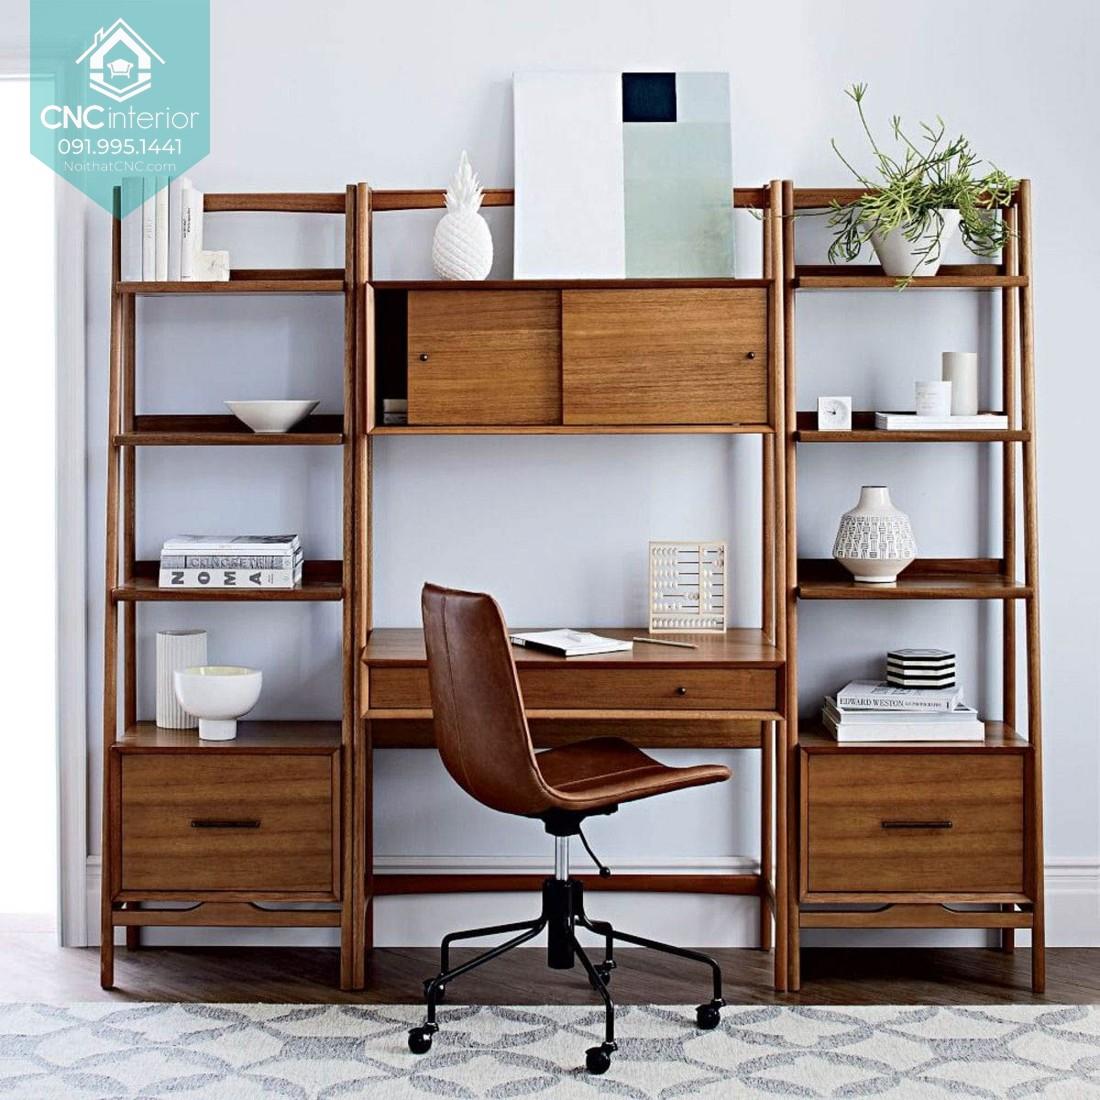 Tủ bàn làm việc hiện đại được thiết kế gồm ba phần được sắp xếp với nhau